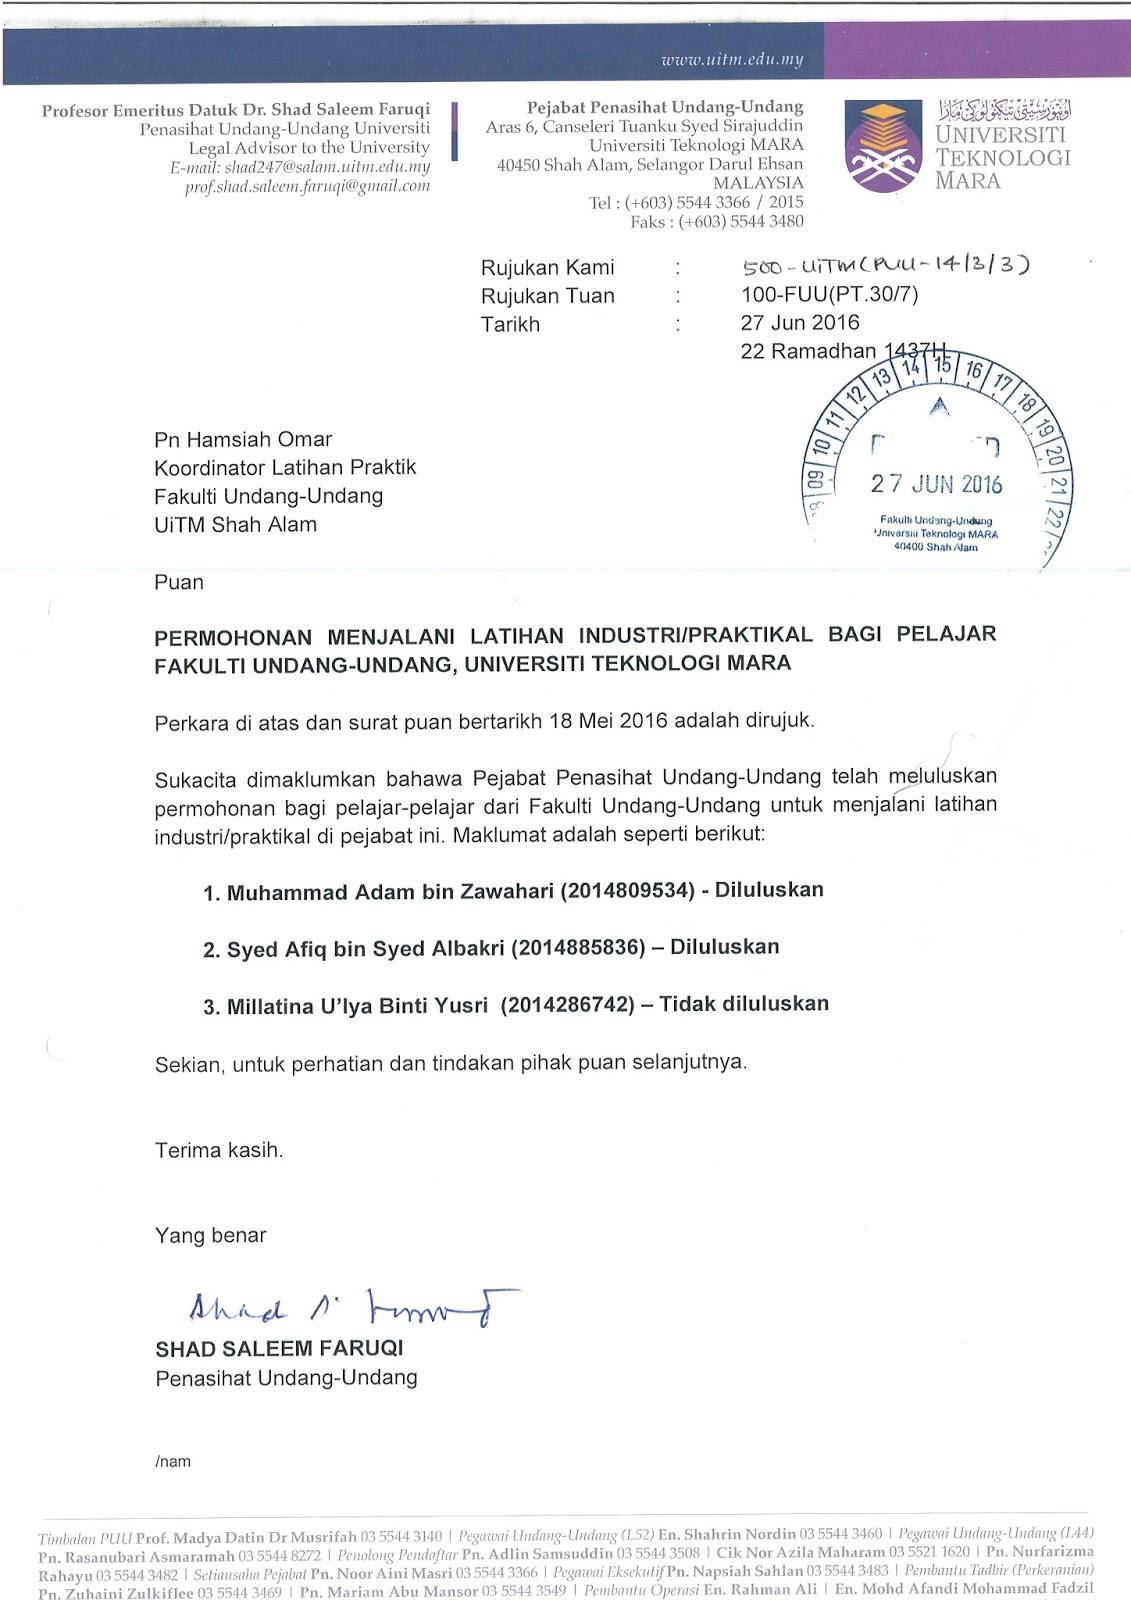 Contoh Surat Rasmi Drop Subjek Spm - Surat Rasmi D